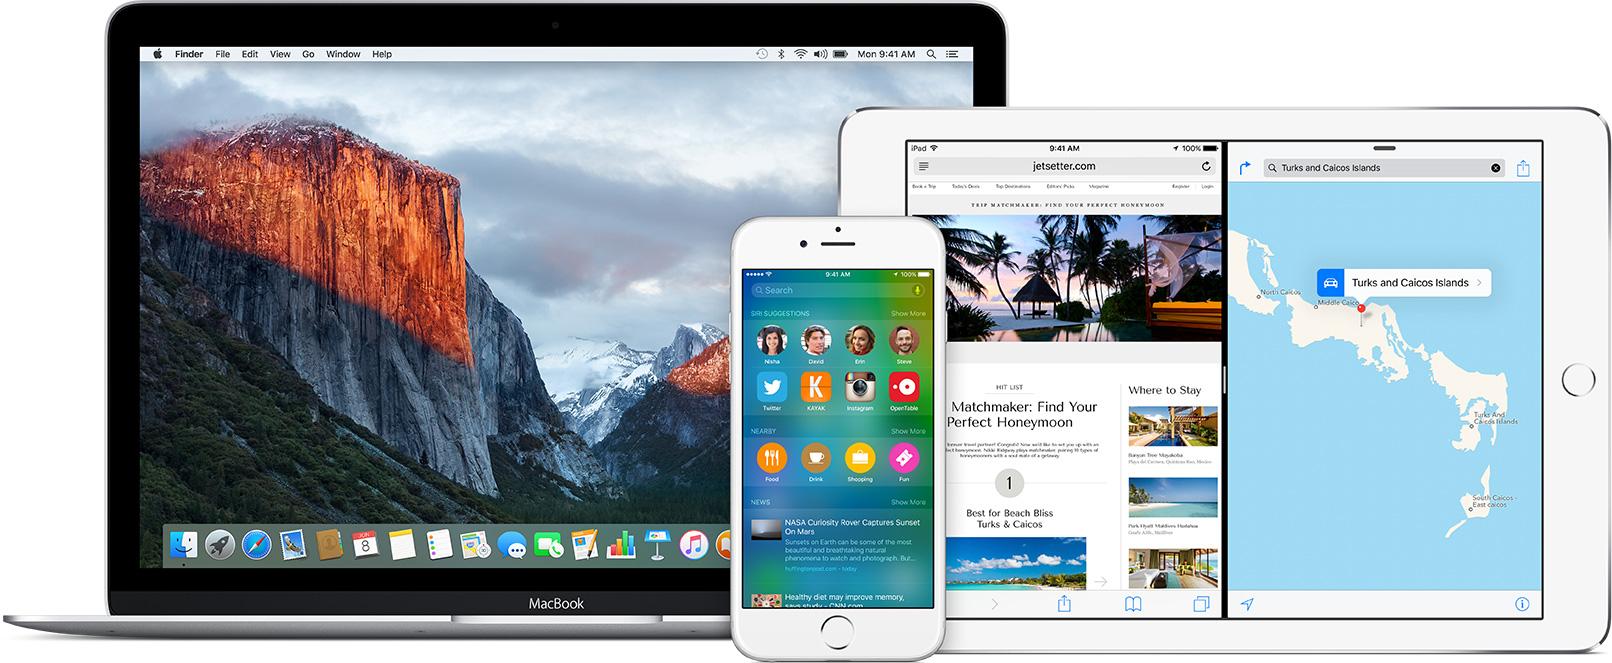 Betas do iOS 9 e do OS X El Capitan 10.11